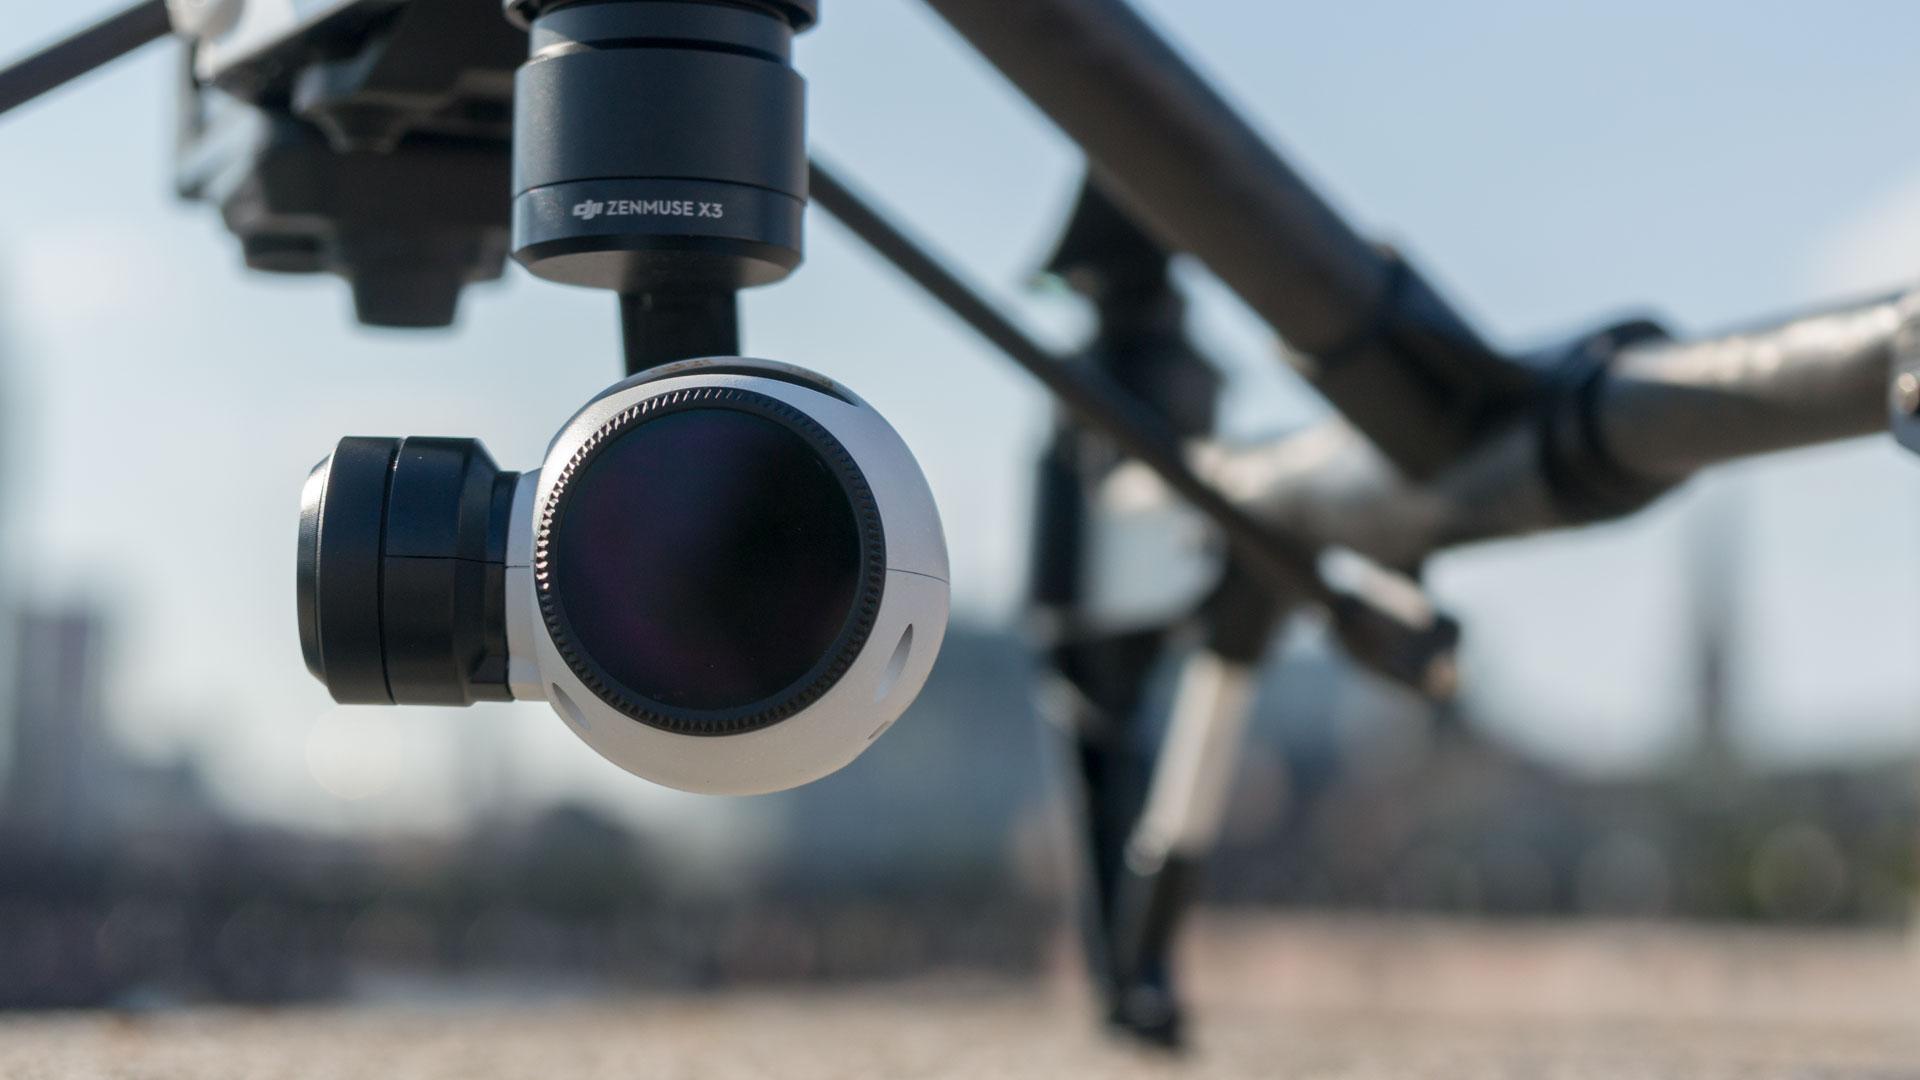 Kamera einer Flugdrohne in Großaufnahme